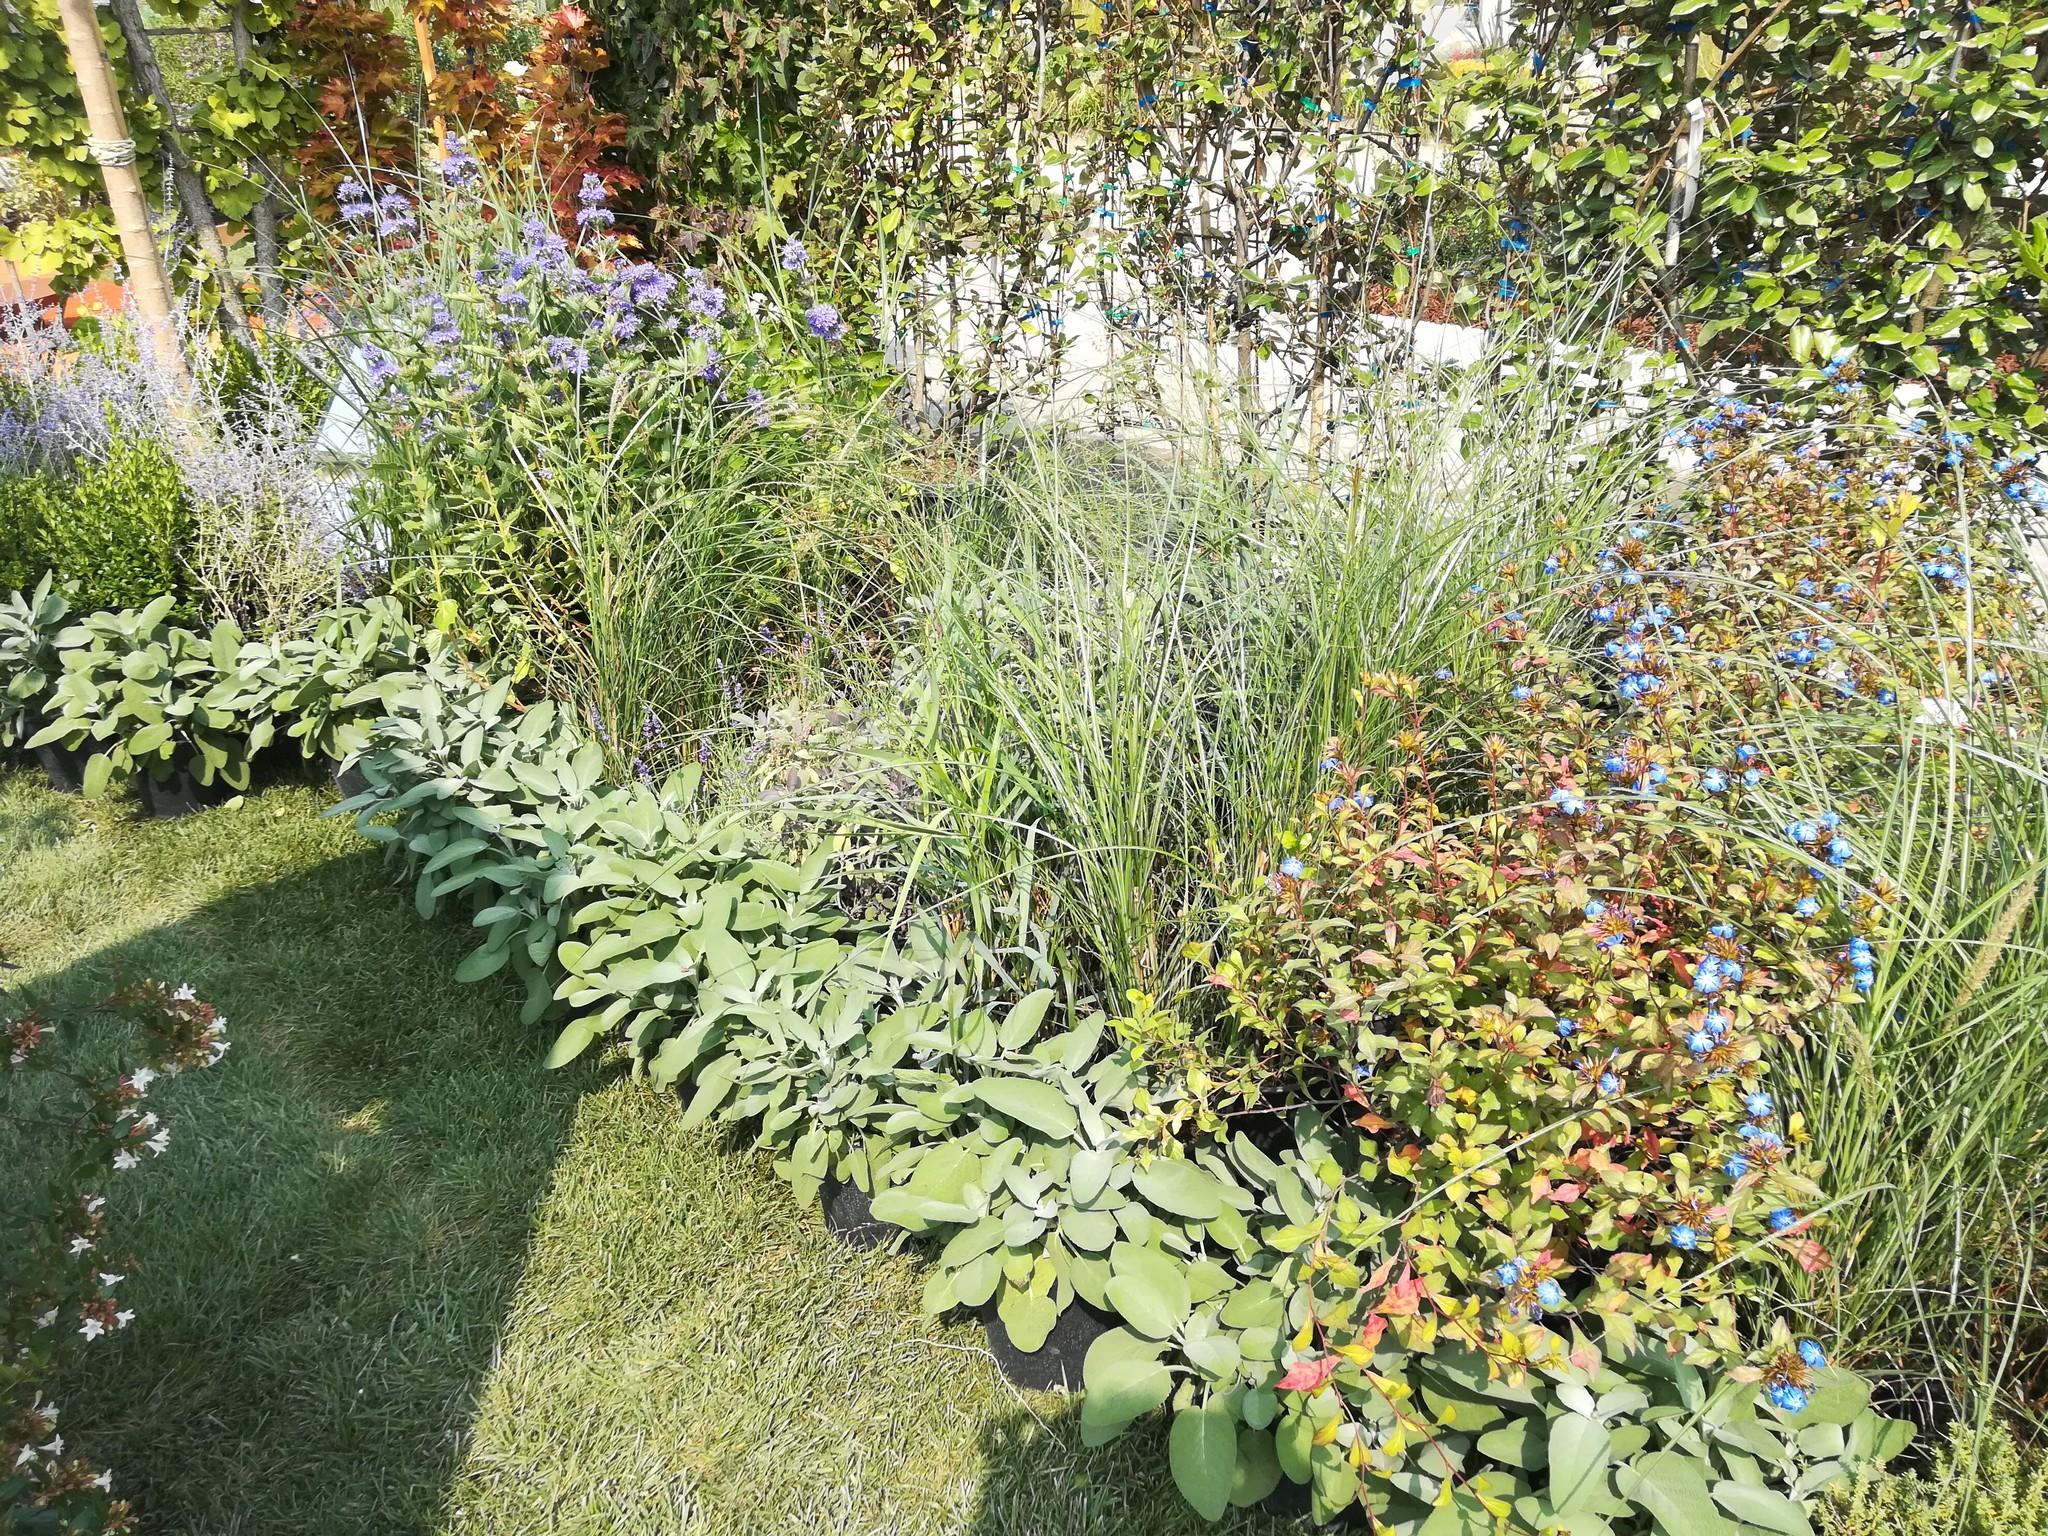 Concorso-giardini-Verdeggiando_55-Il-giardino-è-il-paesaggio-è-la-casa-2LAND